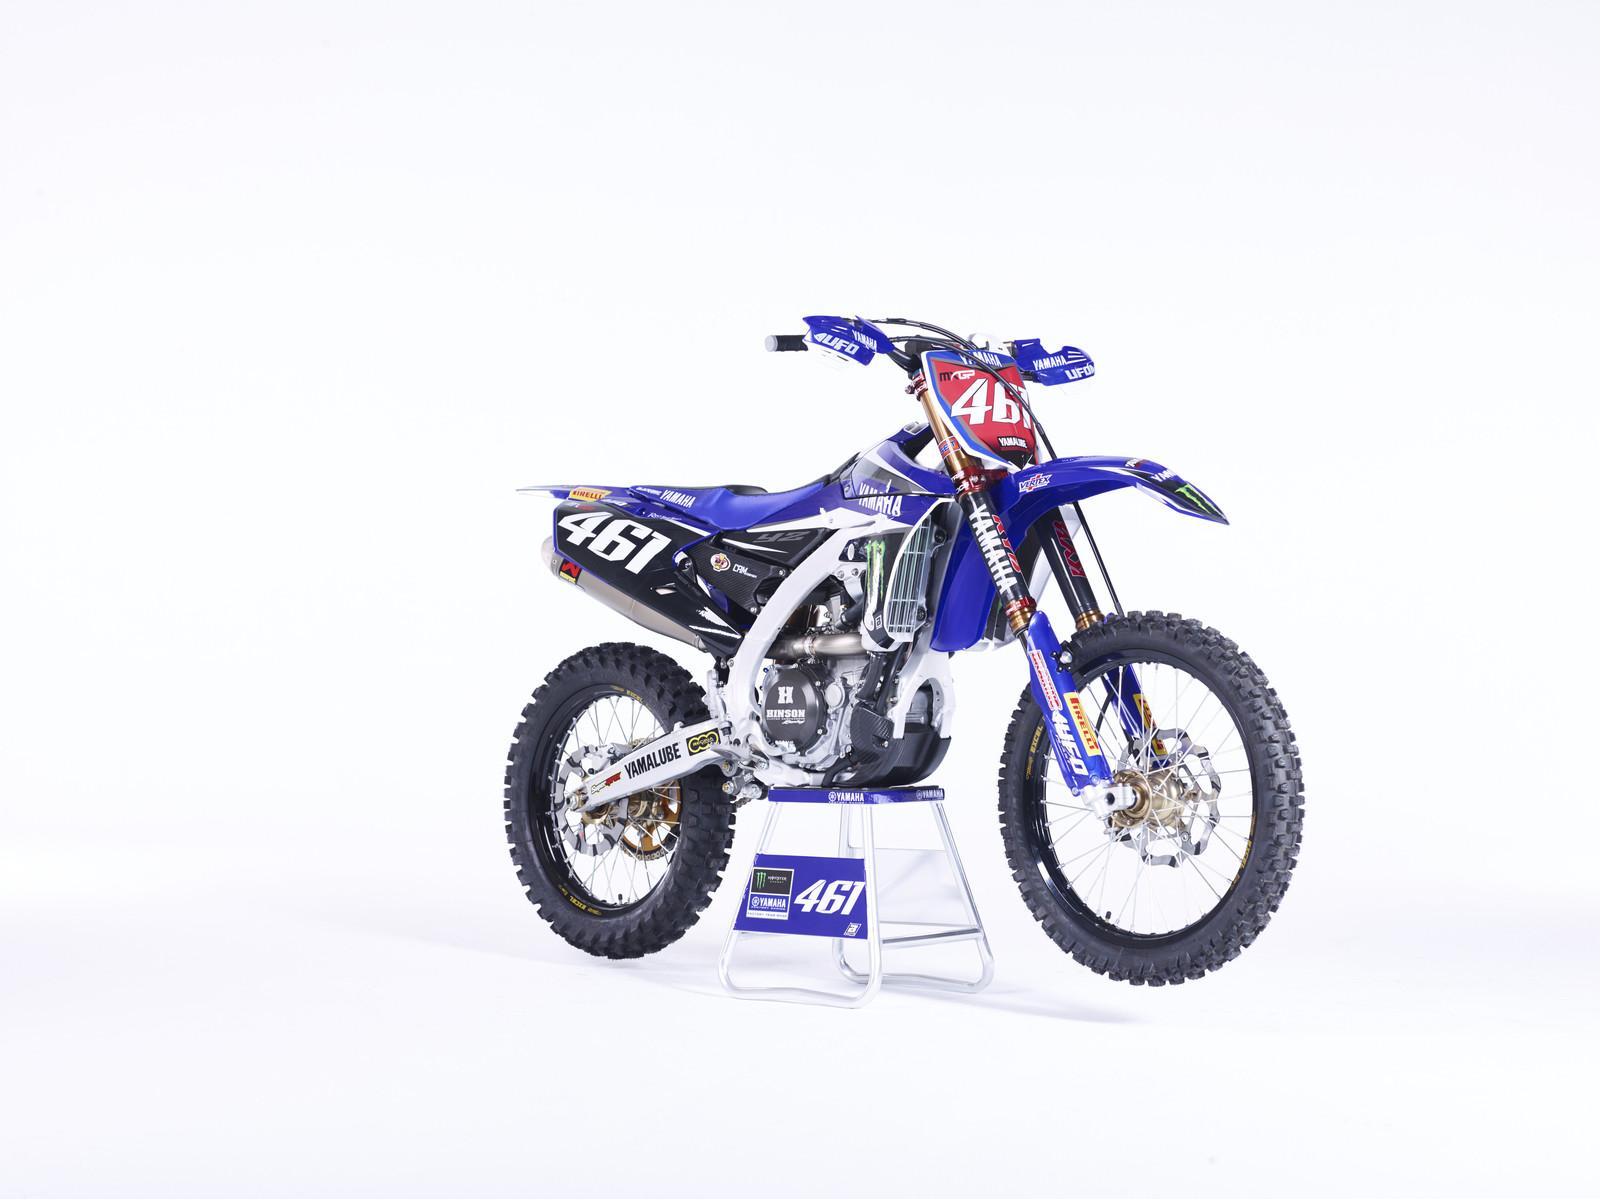 Romain Febvre's YZ450FM - First Look: 2016 Monster Energy Yamaha YZ450FM - Motocross Pictures - Vital MX